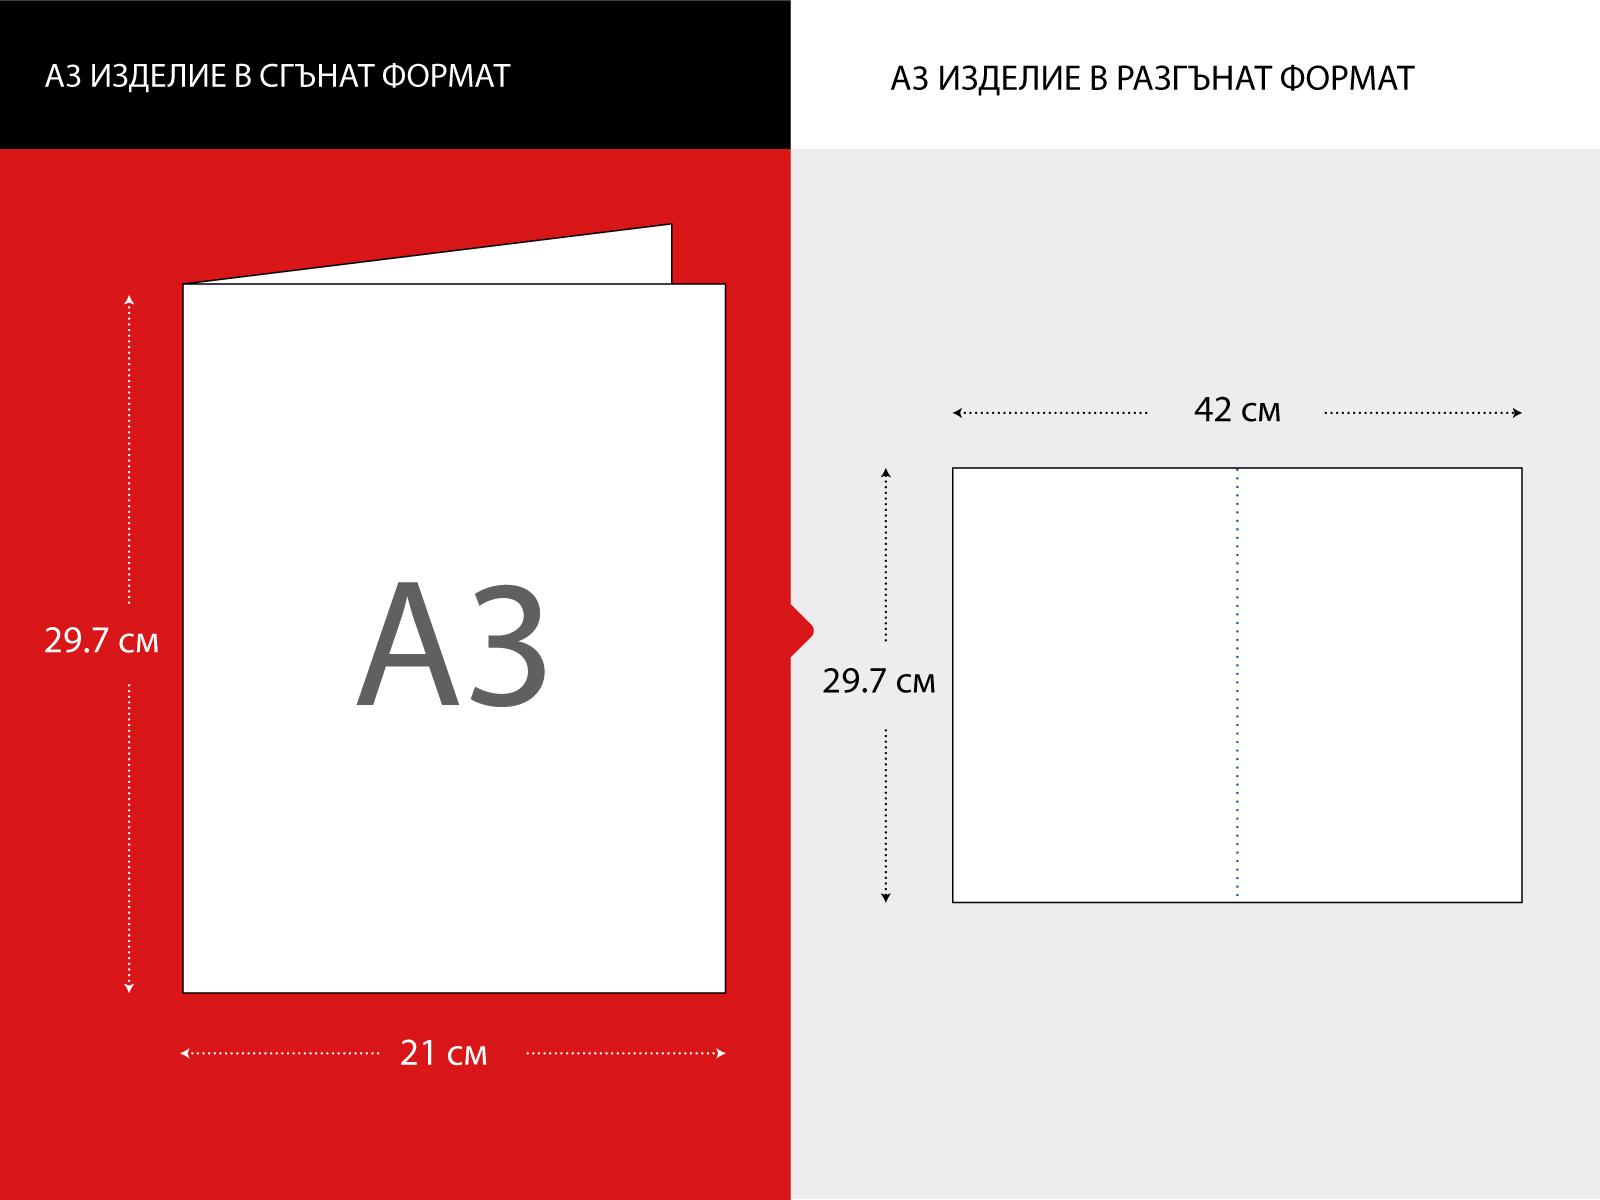 A3 лист размер на отпечатаното изделие